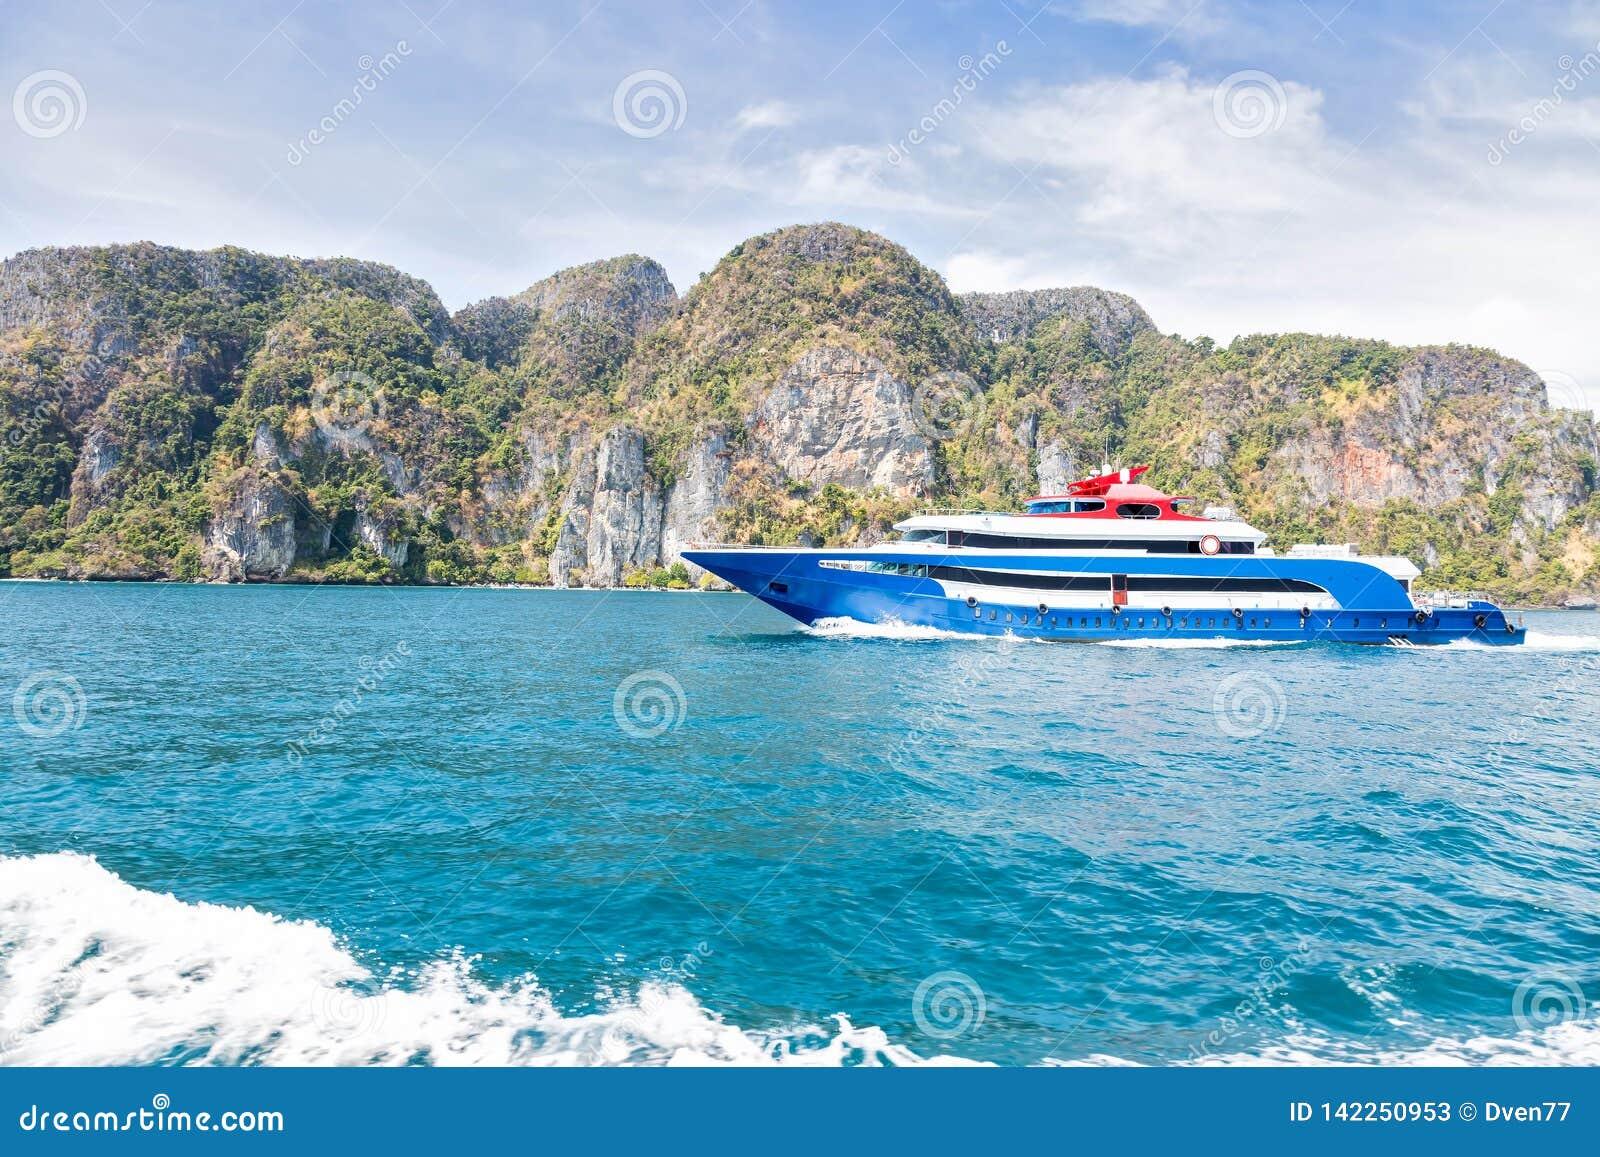 与白色和红色口音乐趣速度小船的蓝色 在海的航行反对一个热带山海岛 侧视图 马达轨道